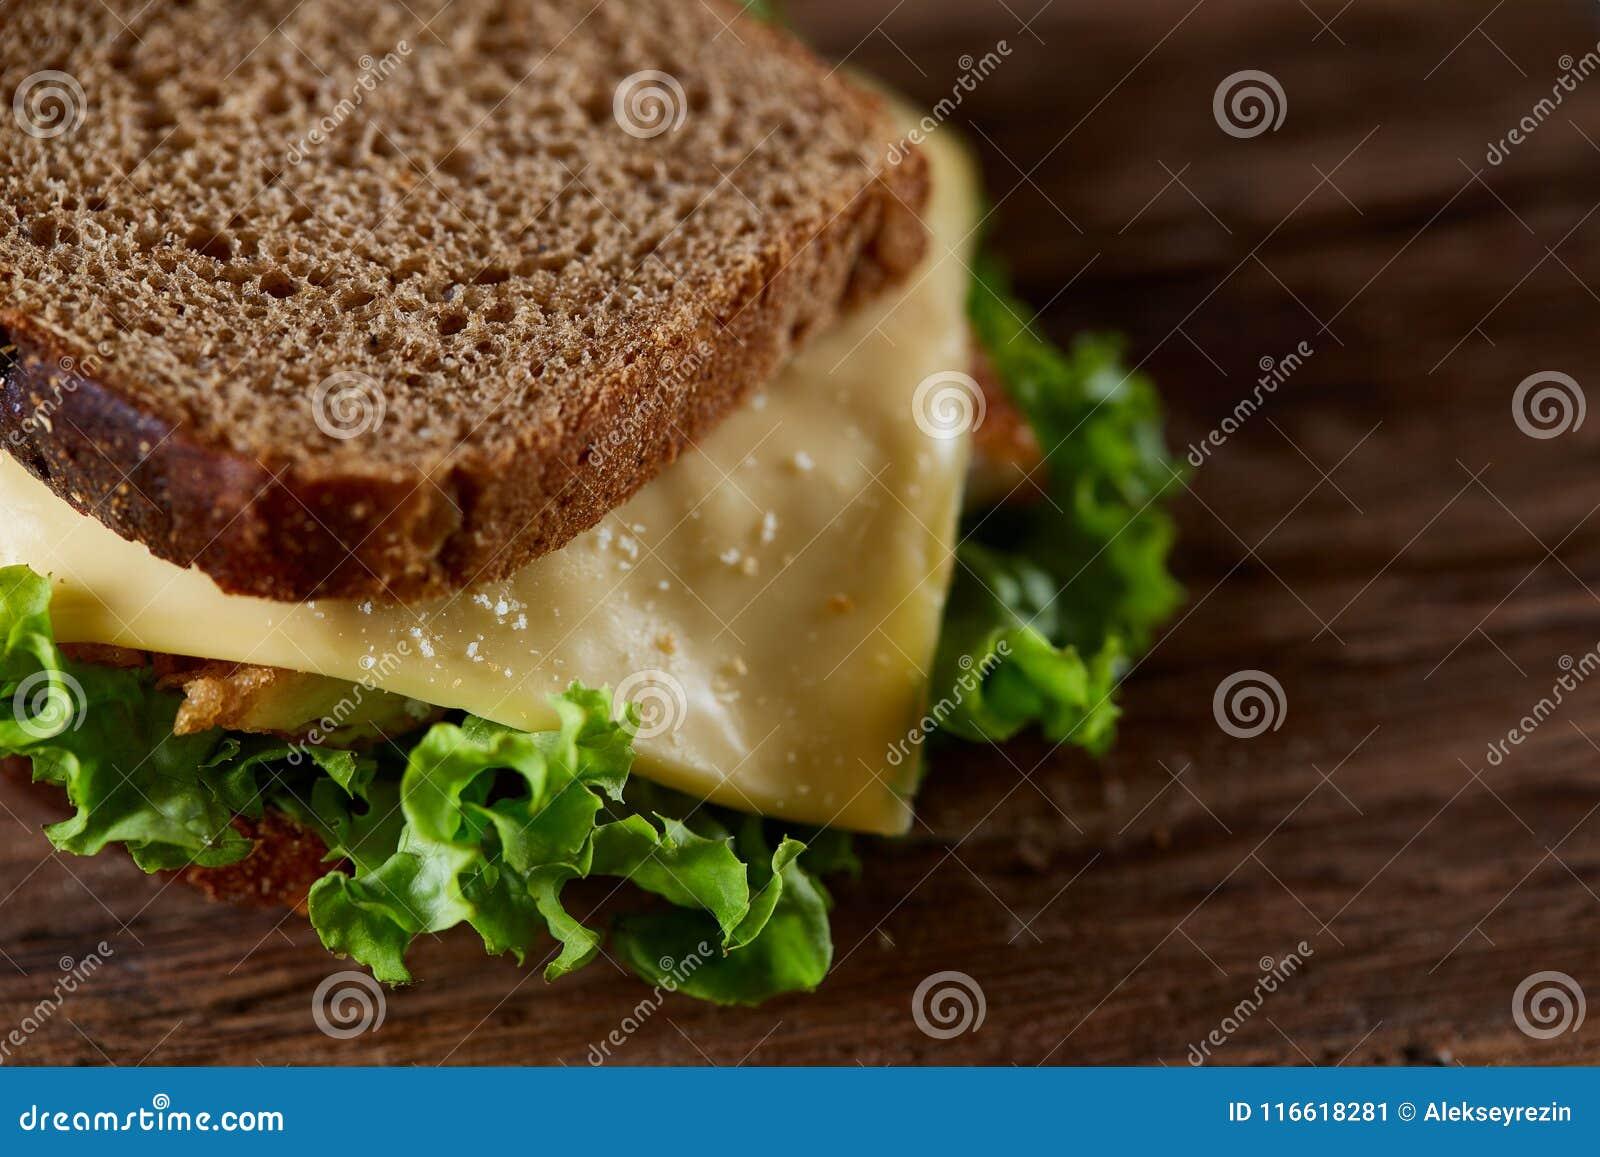 Smakowite i świeże kanapki na tnącej desce nad ciemnym drewnianym tłem, zakończenie